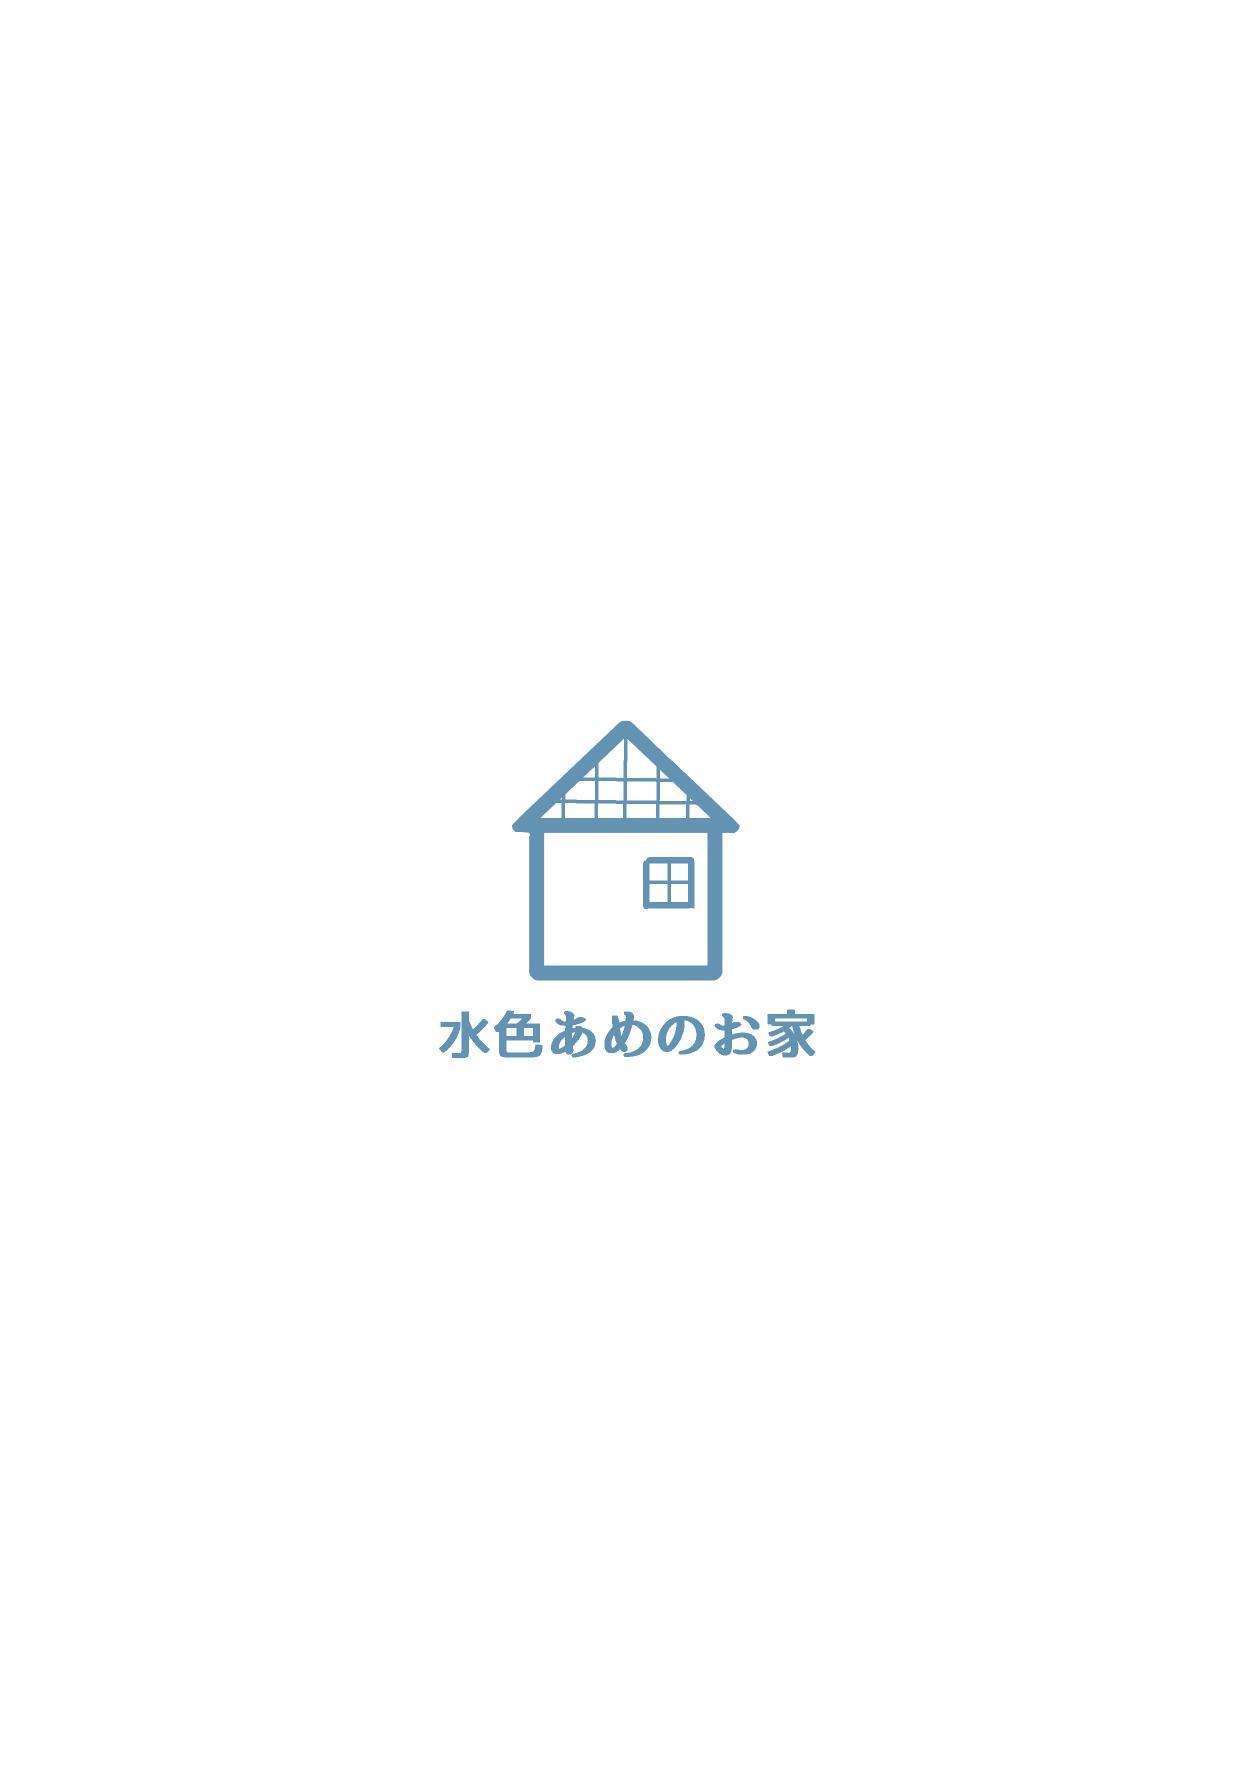 Chuuko de Katta Kozukuri Robo Haramase Bodebara Ecchi 29